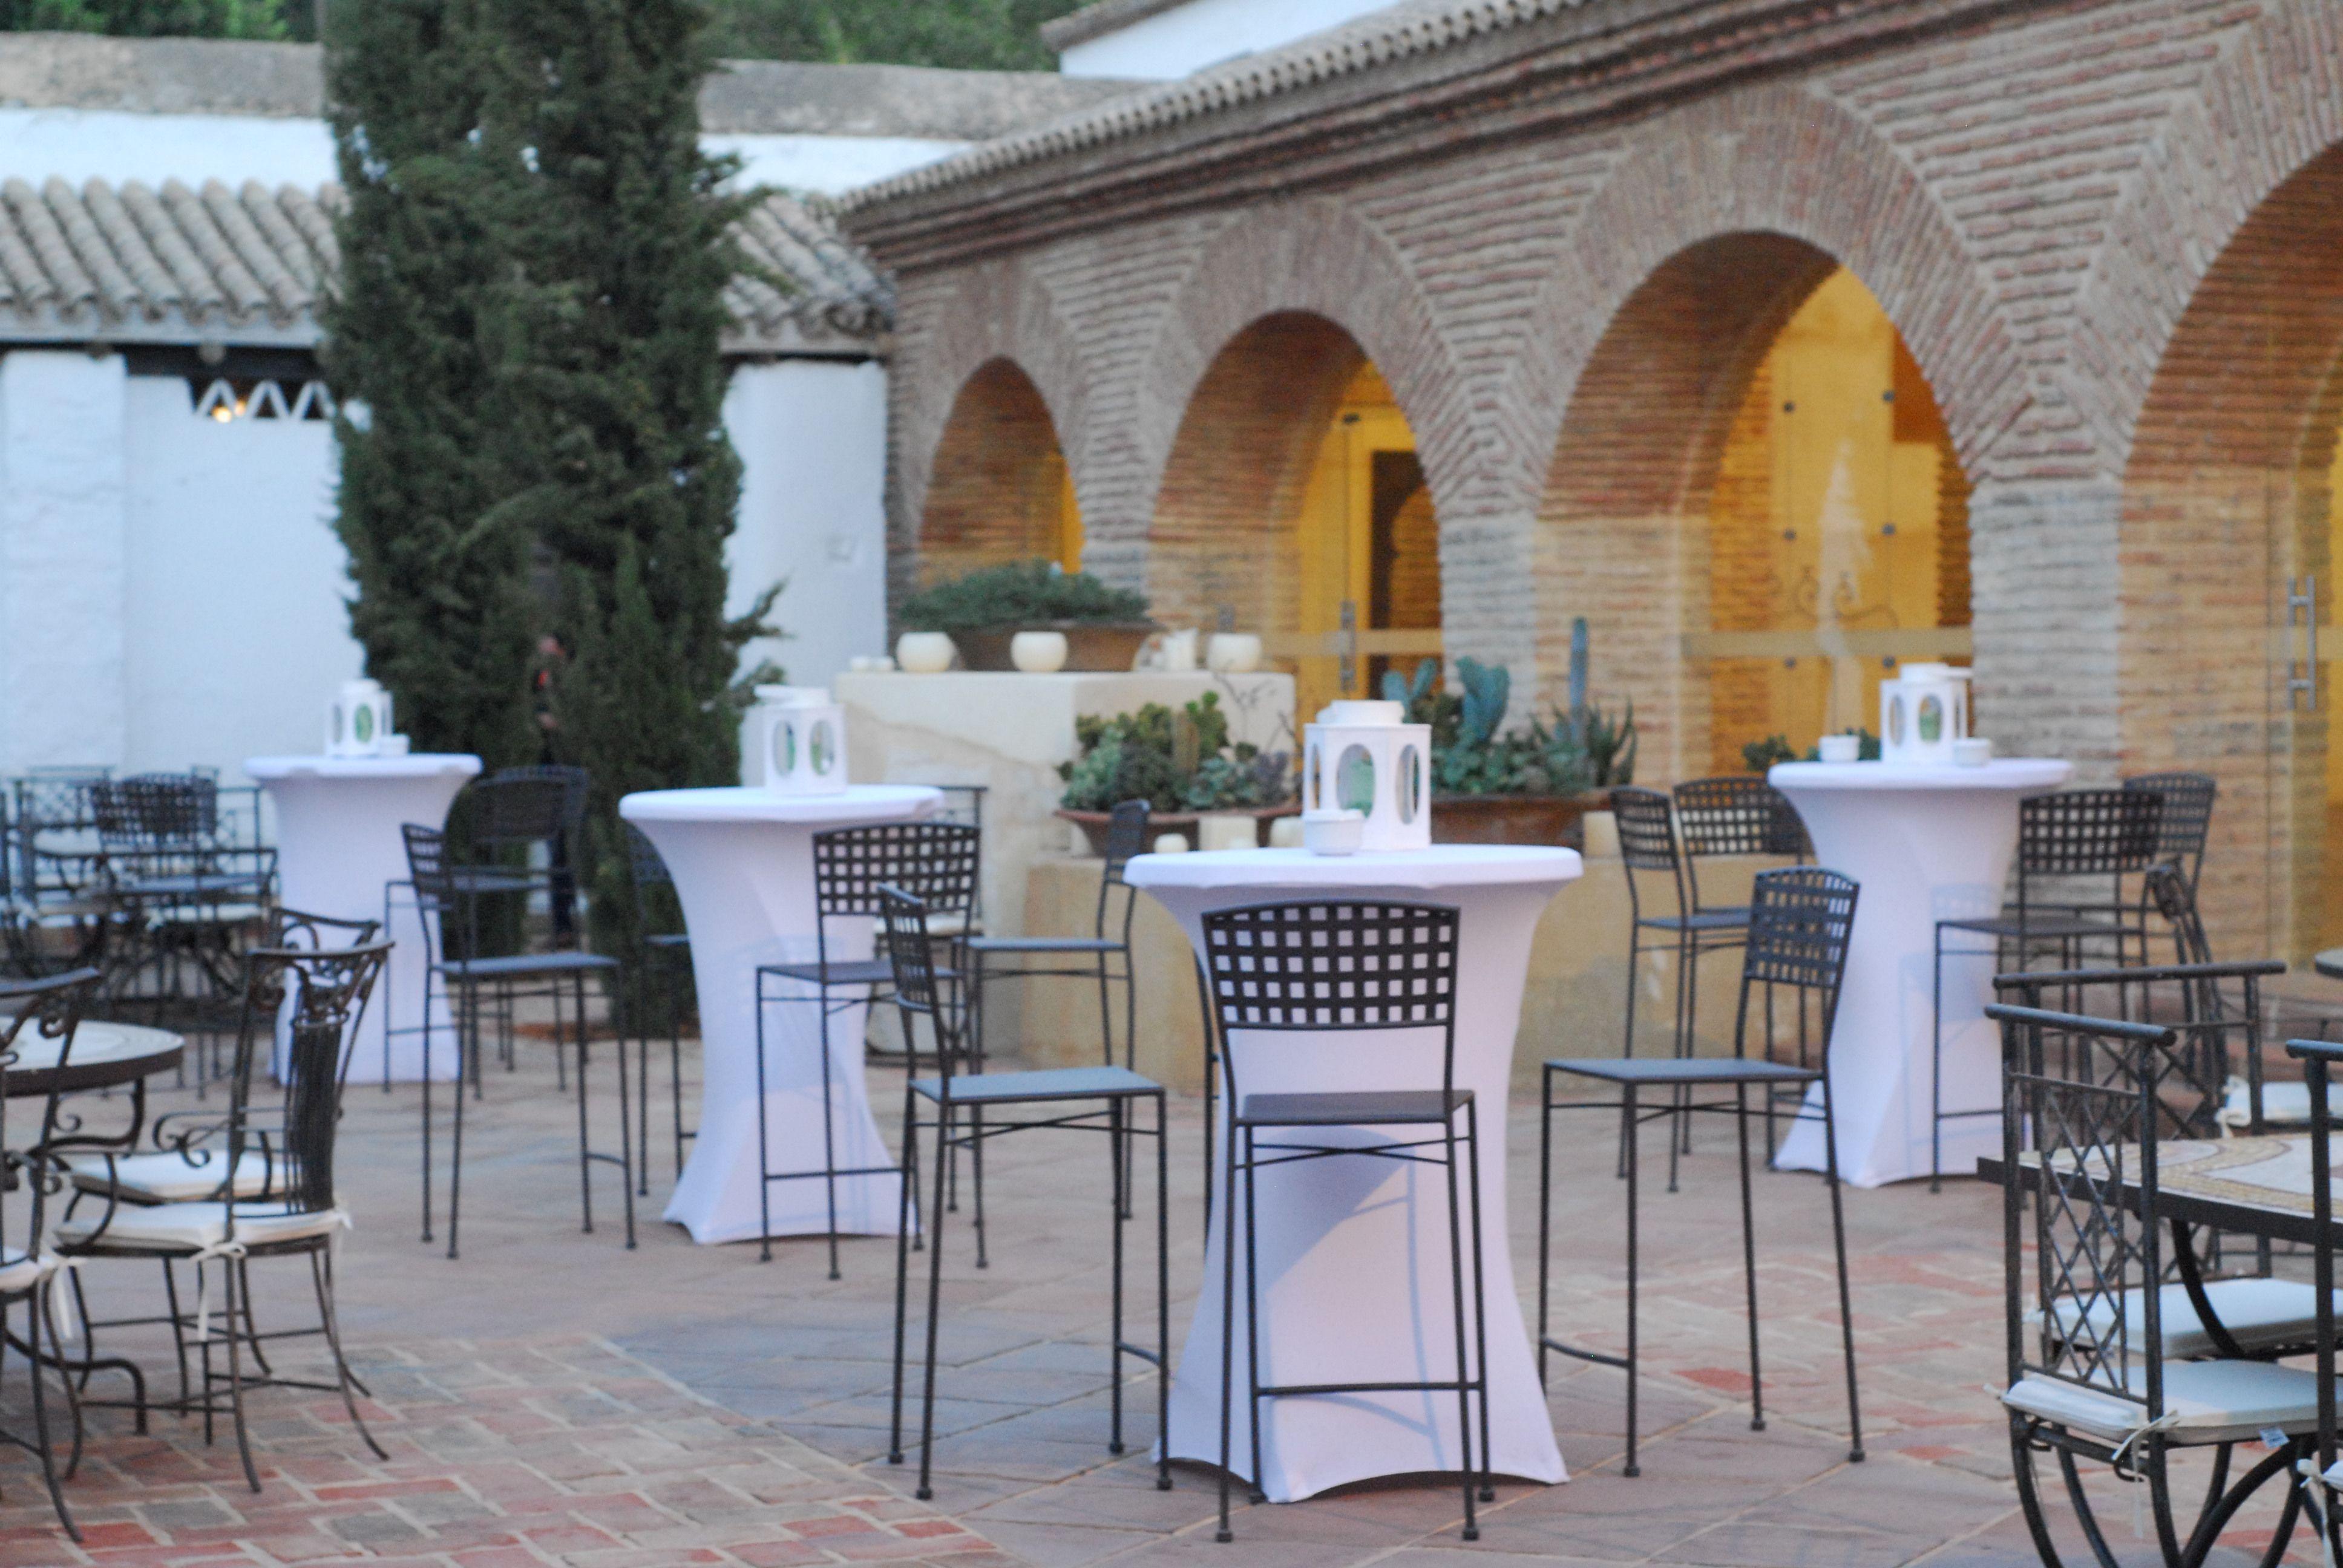 Hacienda para bodas en sevilla hacienda los ngeles - Apartamentos los angeles sevilla ...